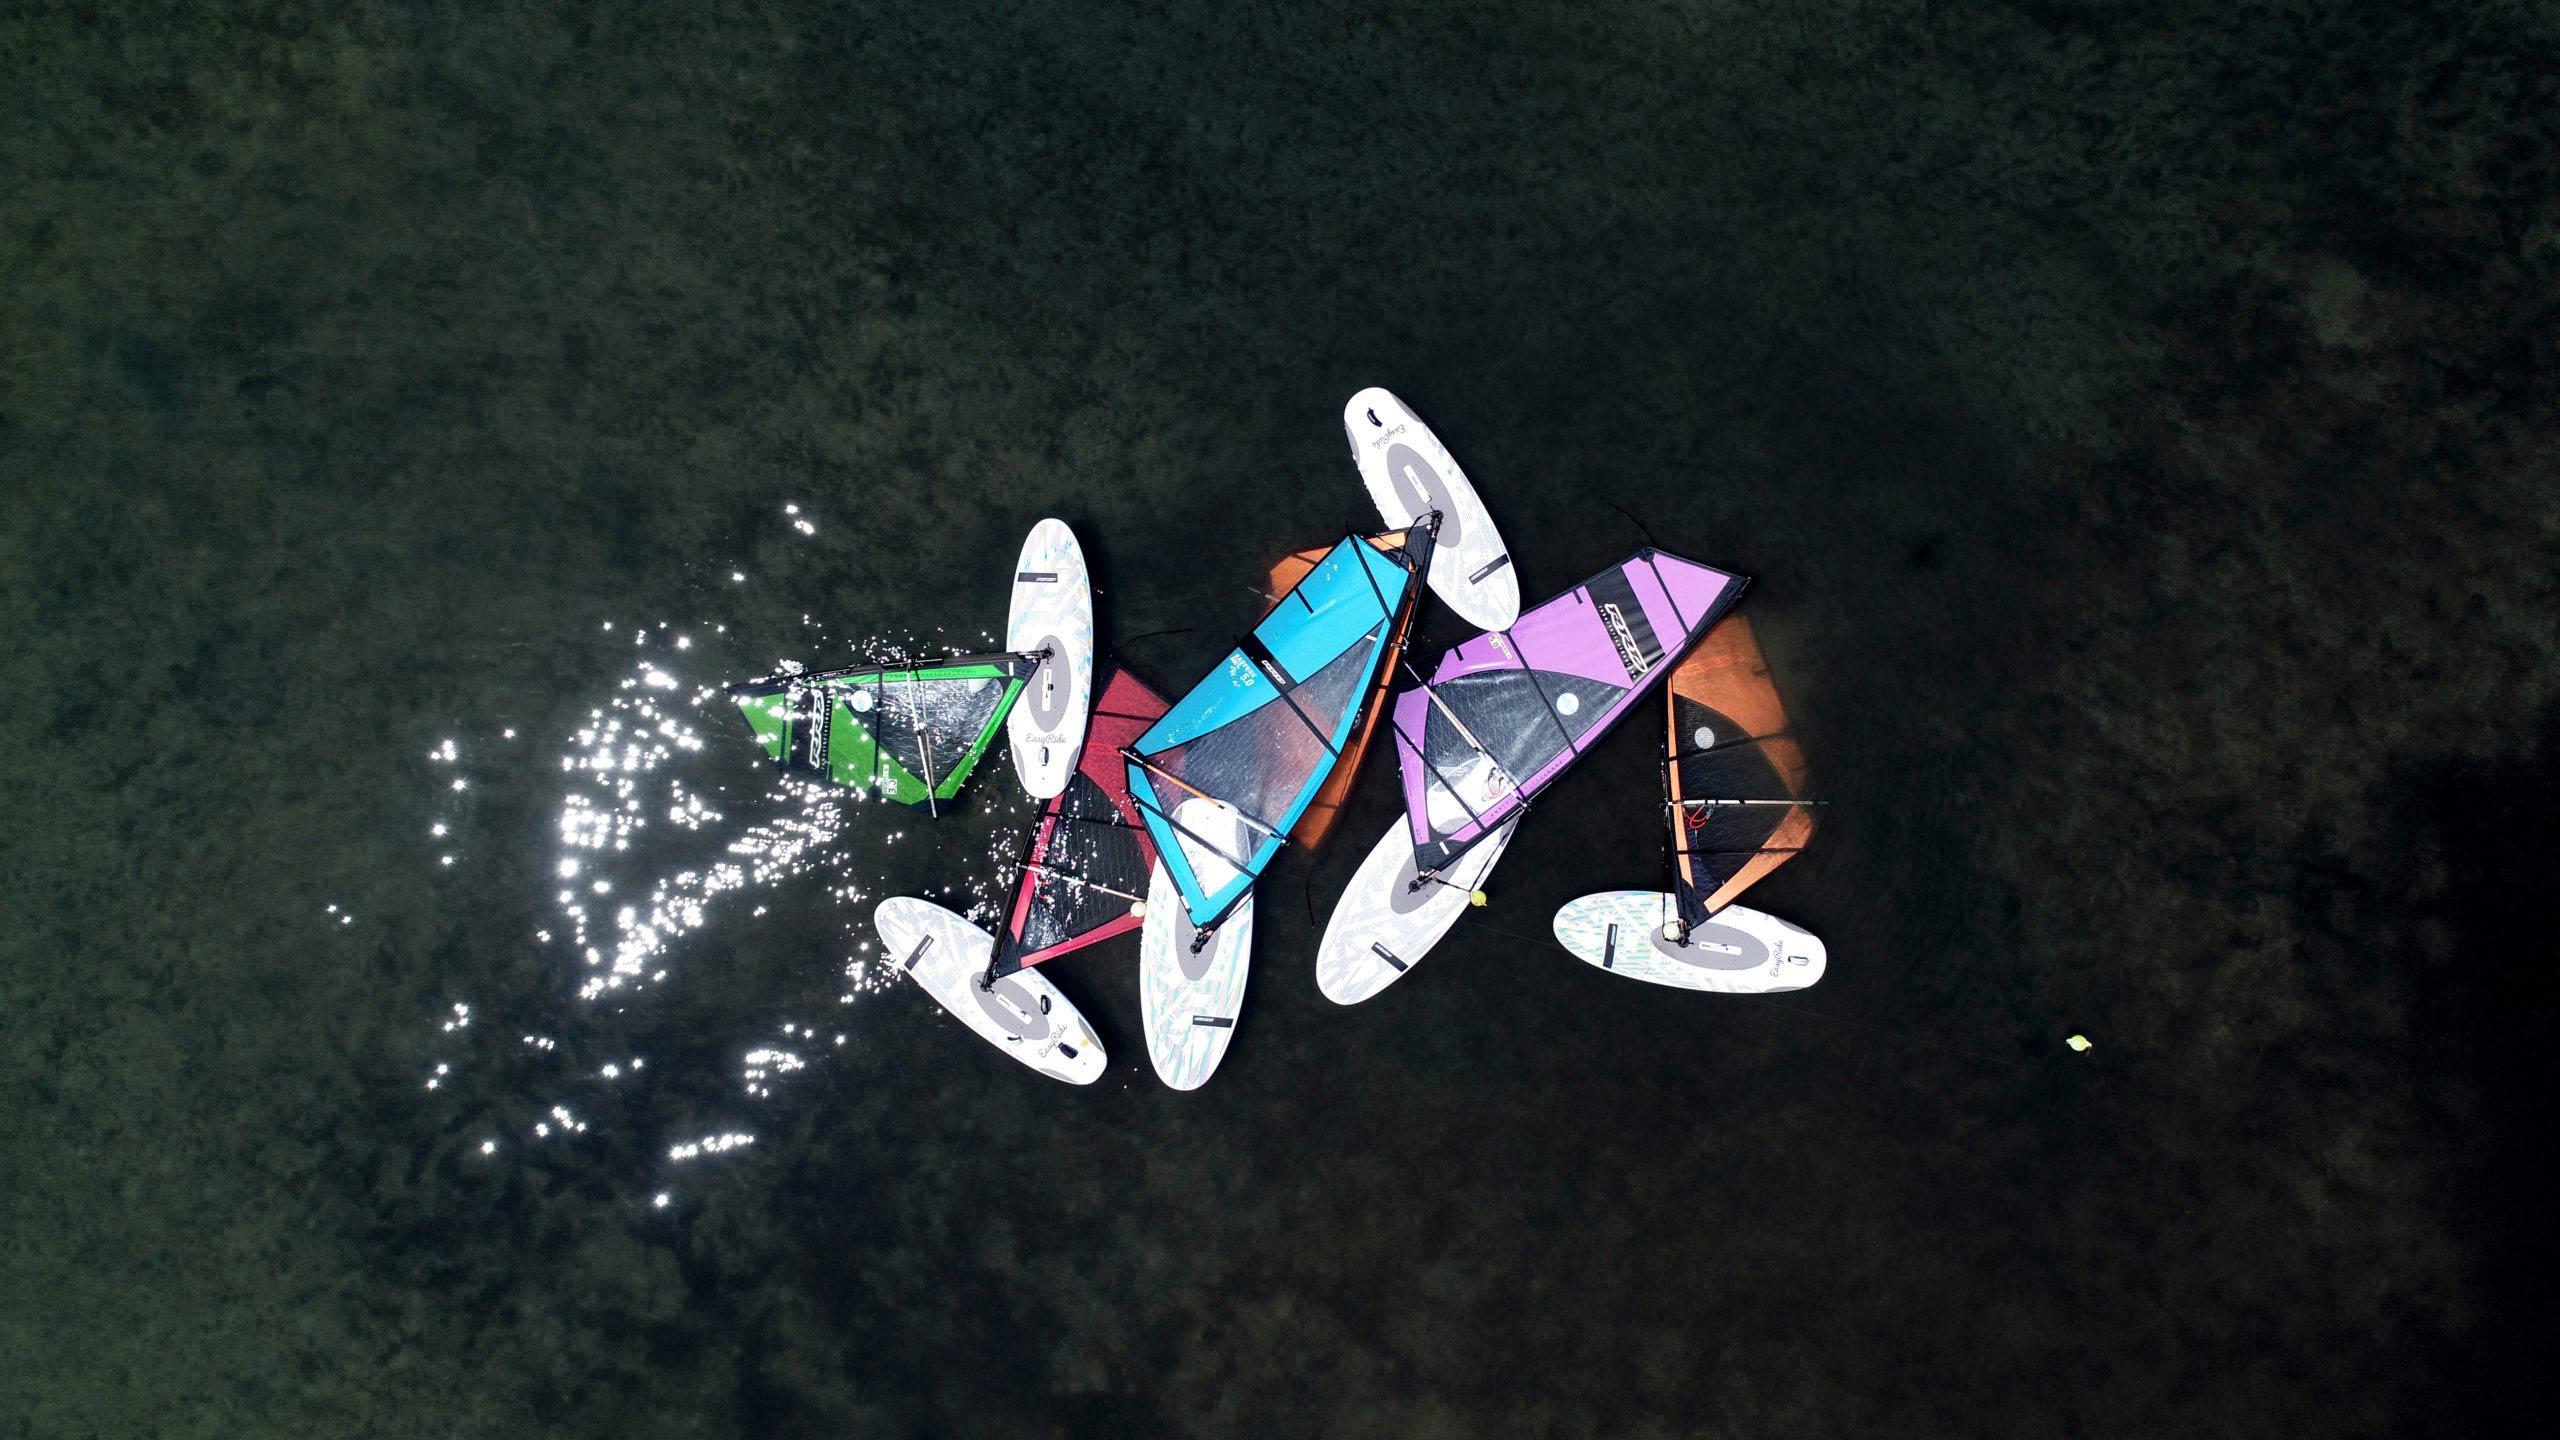 Εφτά σανίδες windsurf συγκεντρωμένες στη θάλασσα